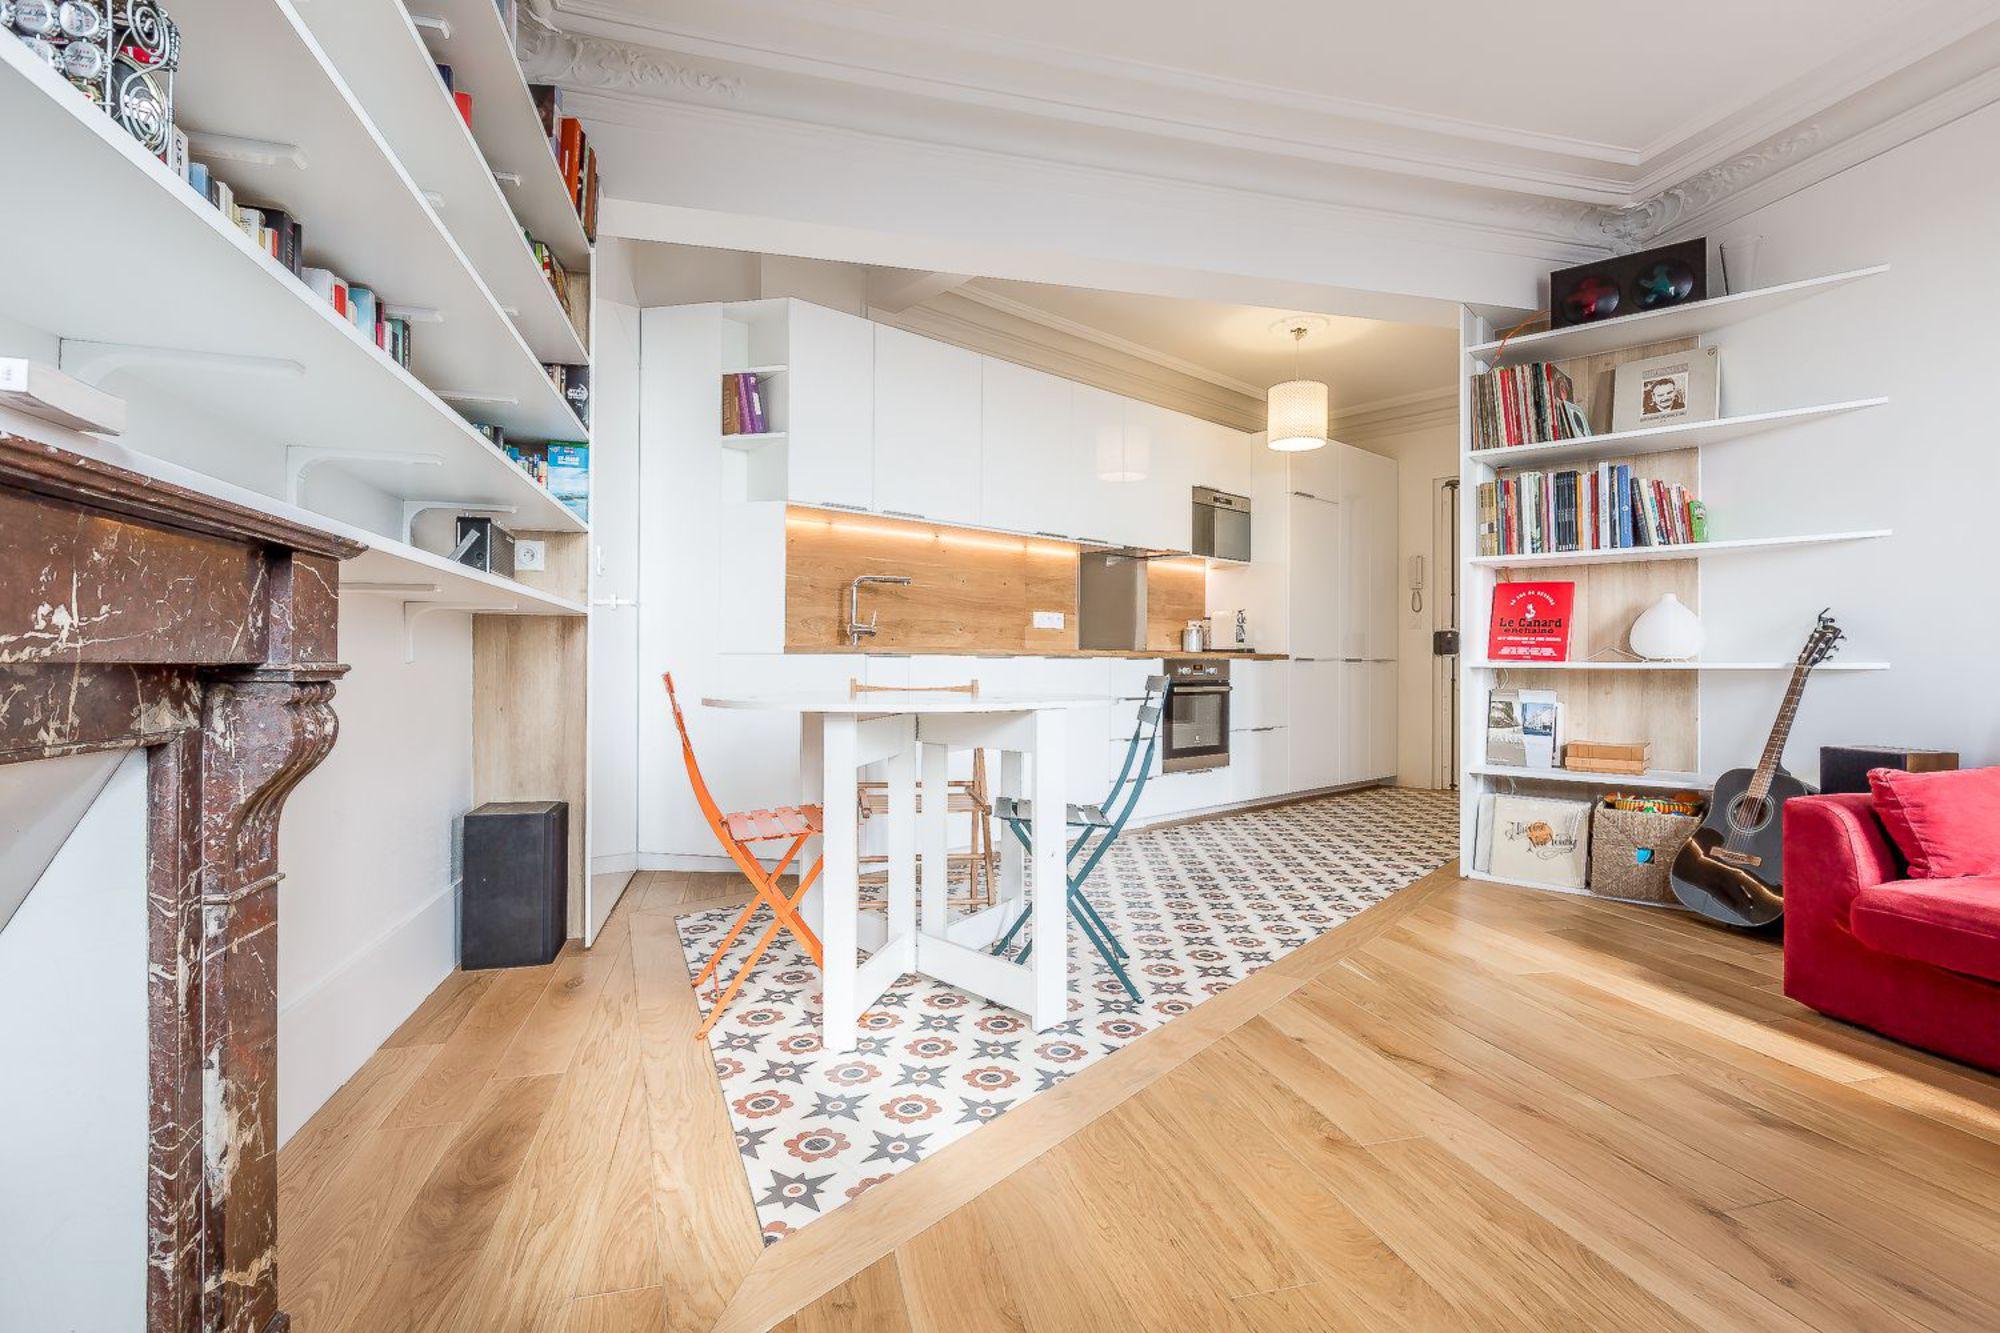 Стильный дизайн однокомнатной квартиры: секреты удачной планировки (57 фото)